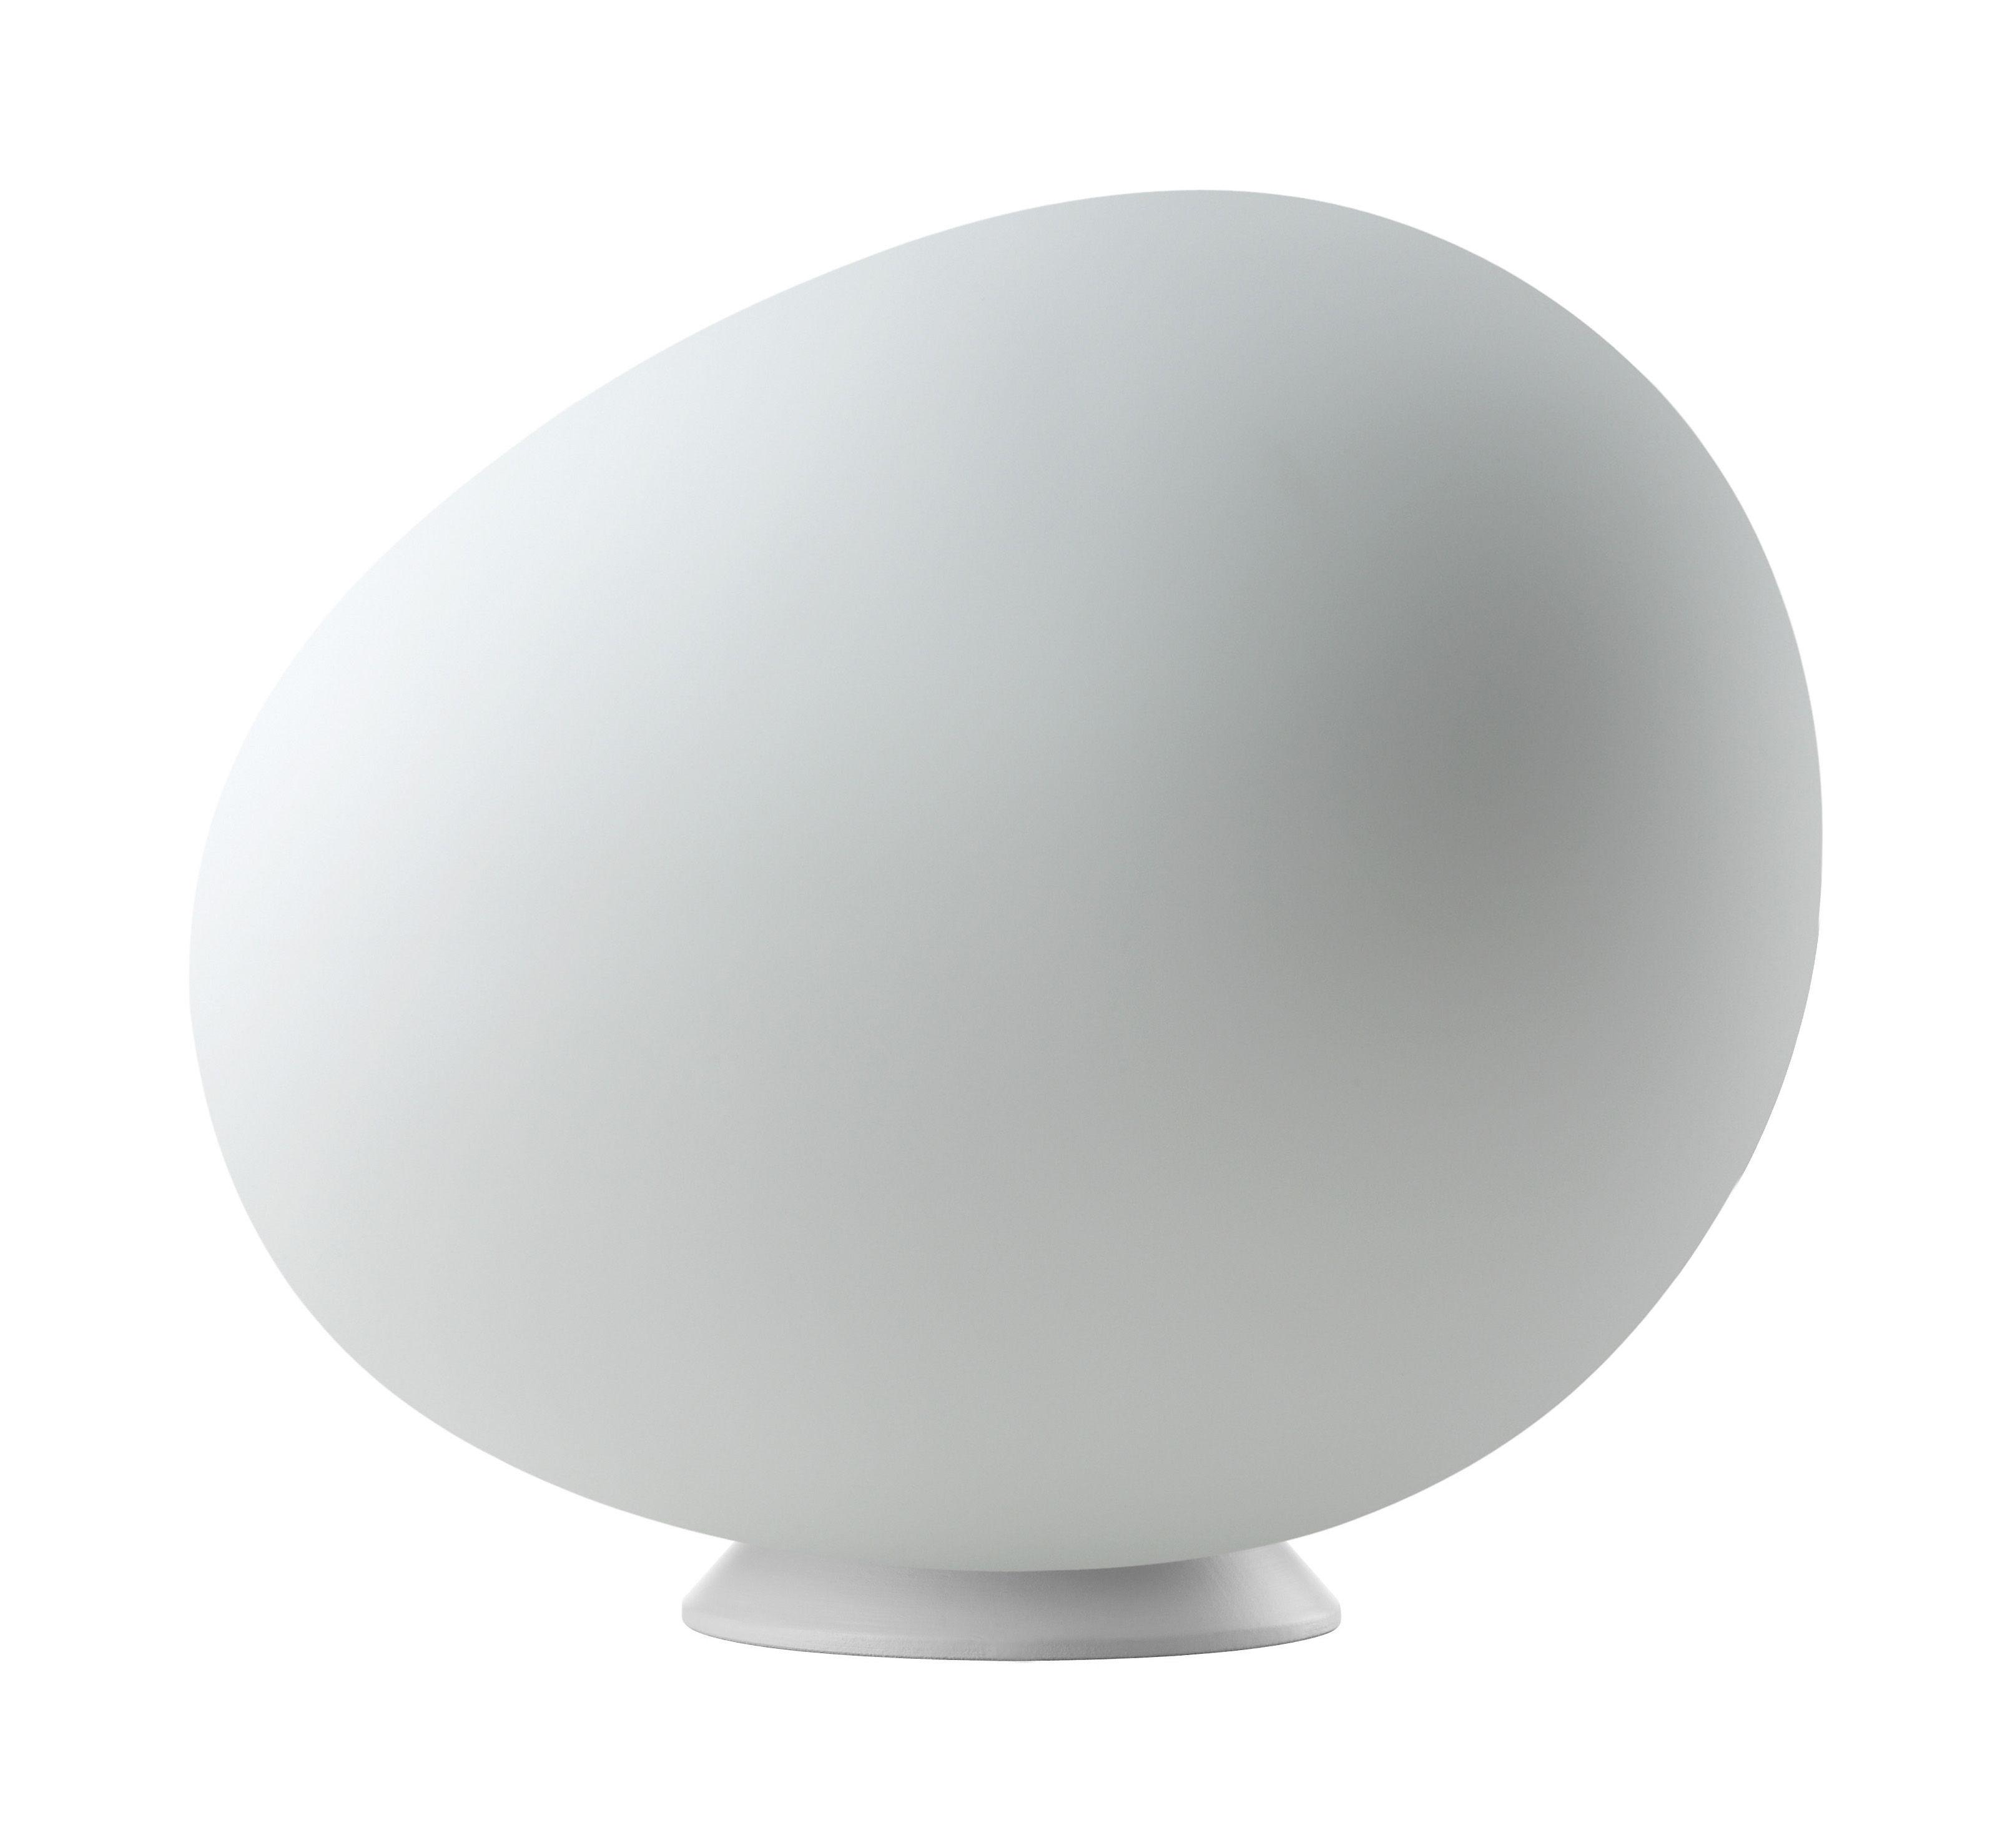 Illuminazione - Lampade da tavolo - Lampada da tavolo Gregg Piccola - versione da esterno - S di Foscarini - Bianco - Acciaio inossidabile, Polietilene